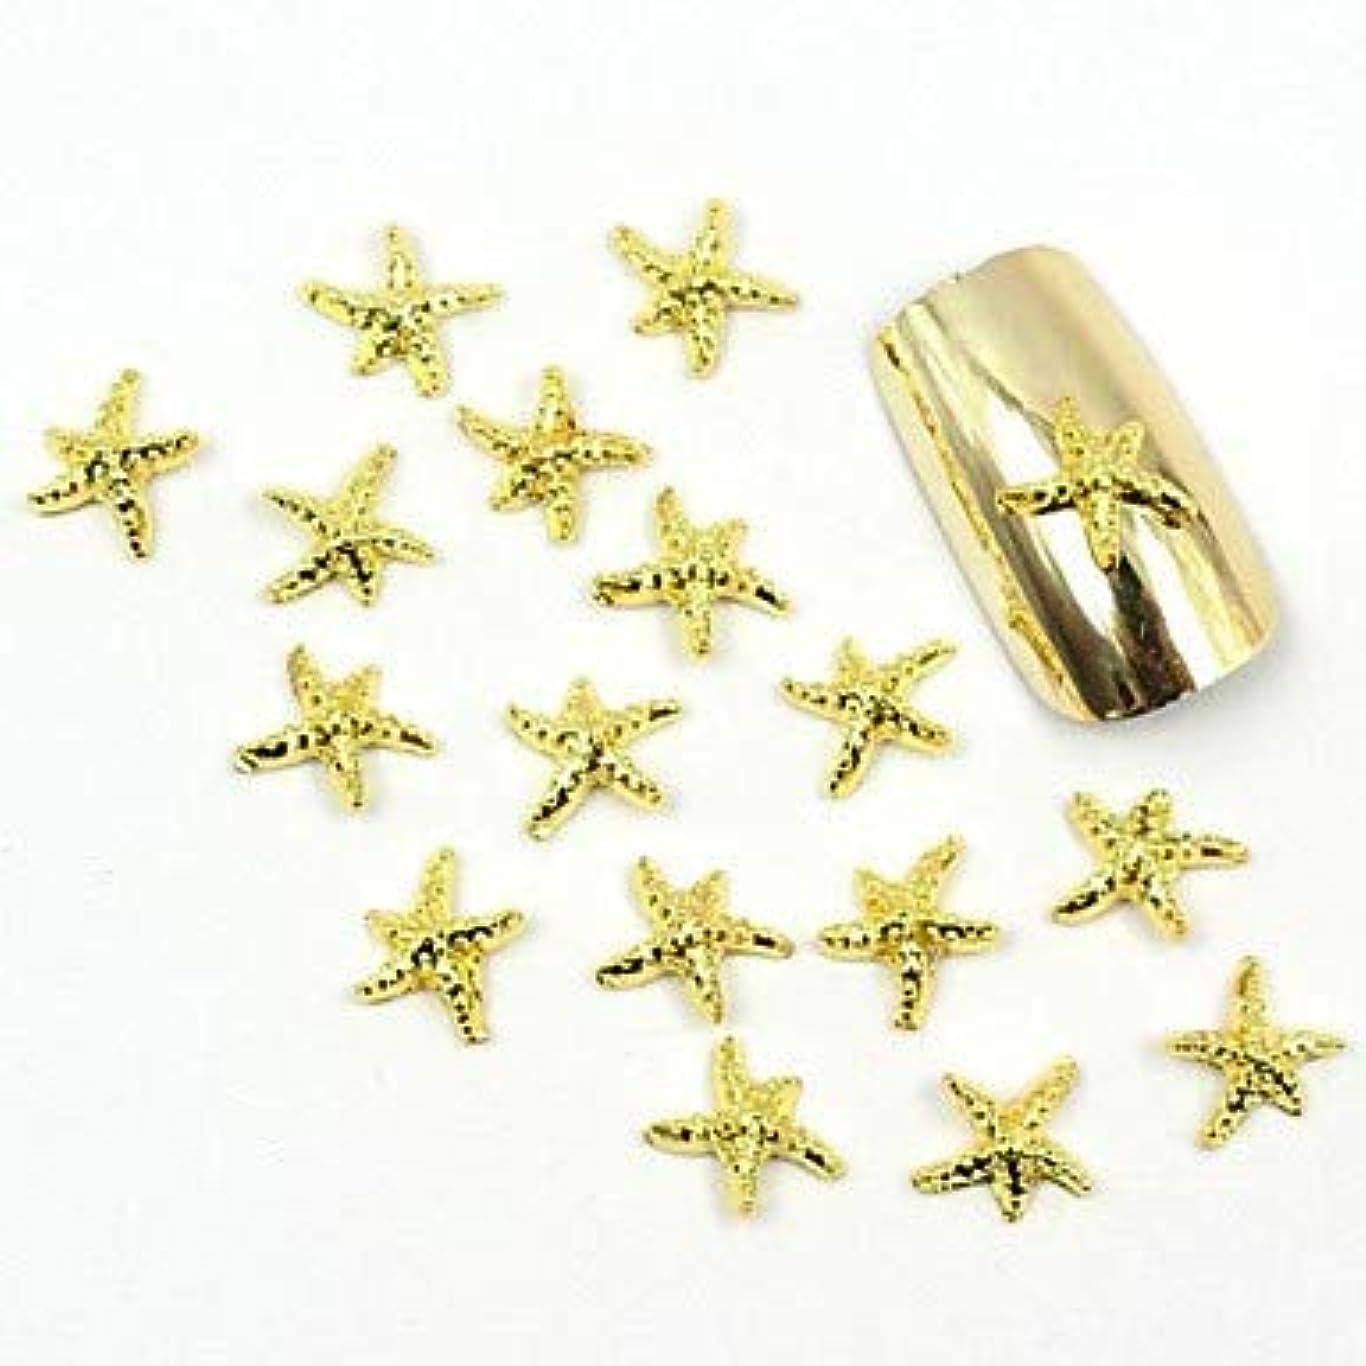 同一性熱モルヒネ偽アクリル型ネイルアートの装飾のための100個の3Dゴールドネイルジュエリーメタルスター